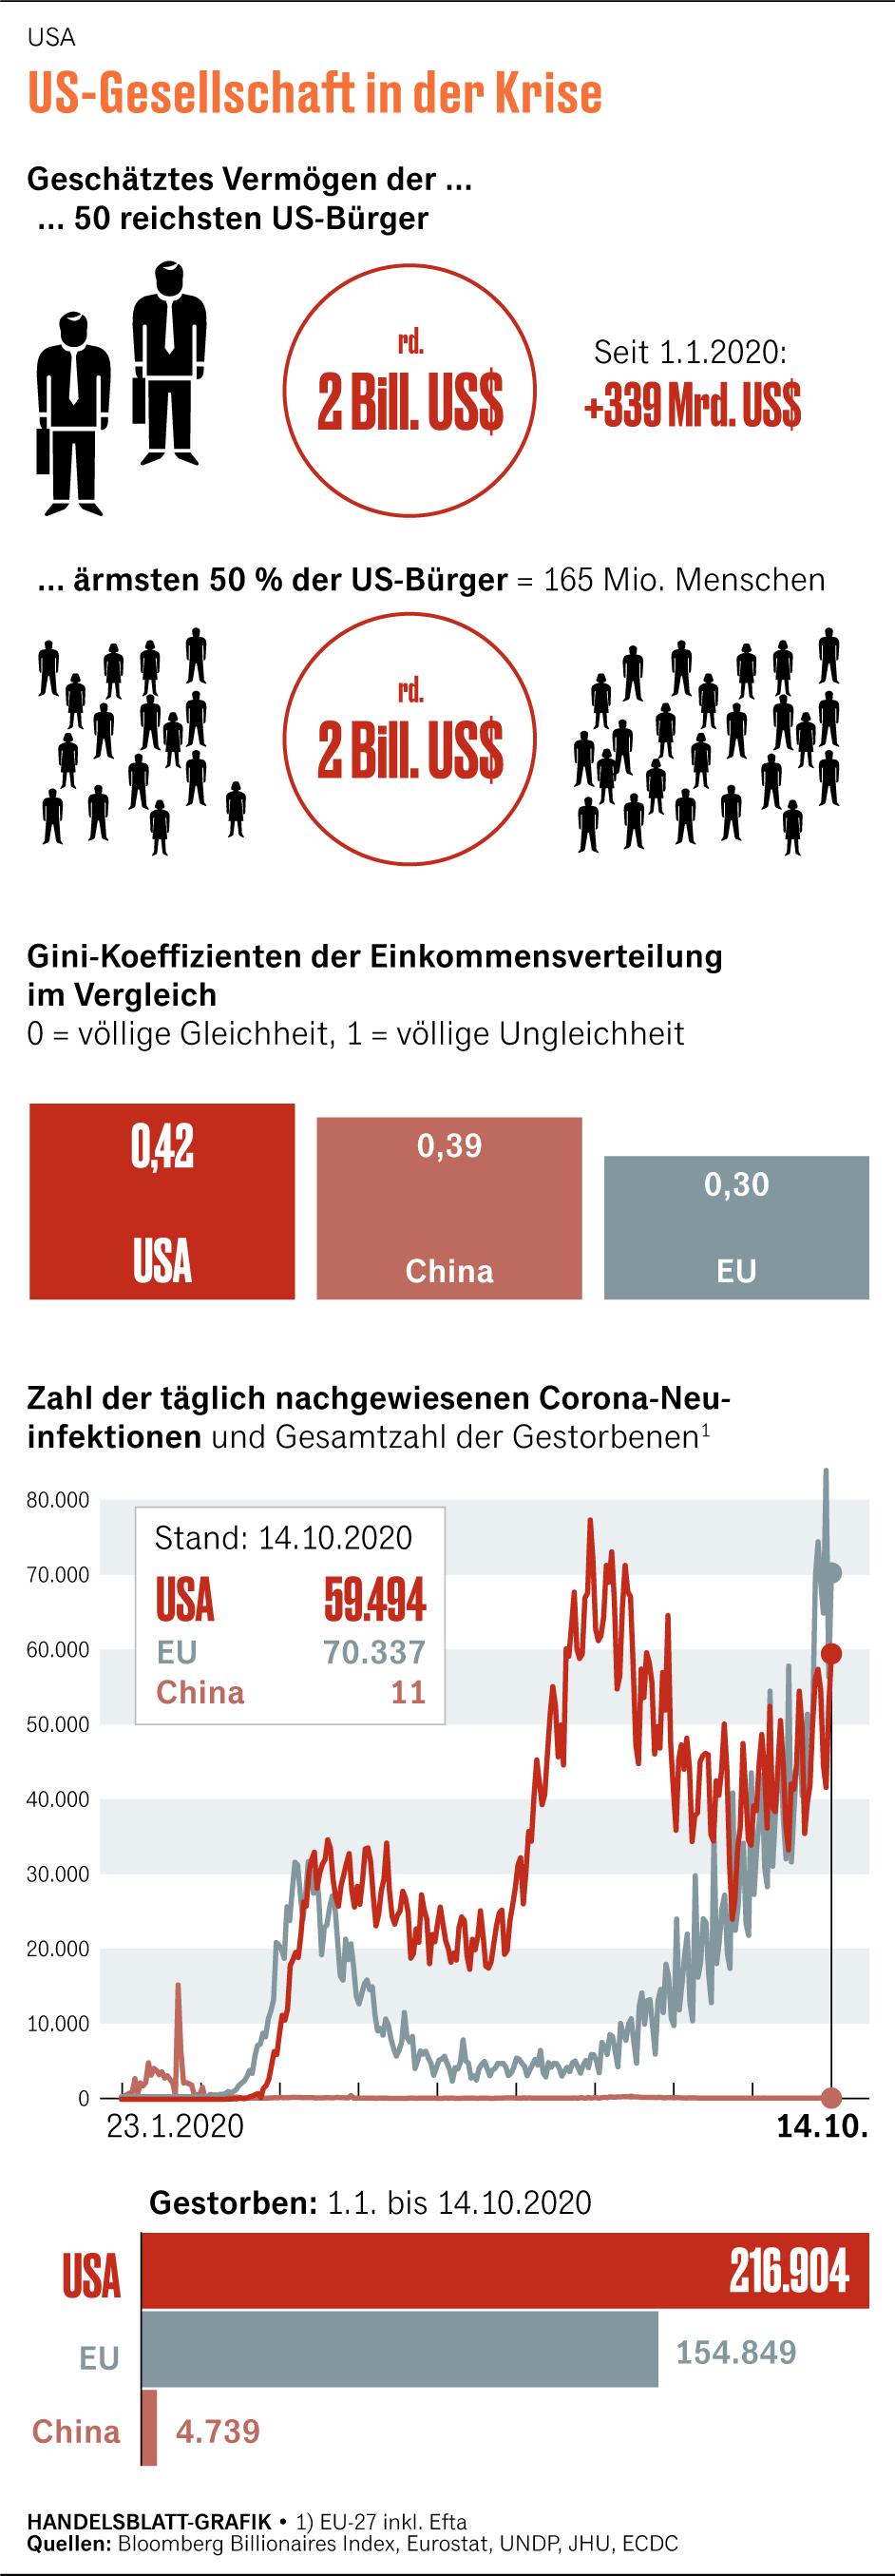 Wie kann man in deutschland viel geld verdienen mit 14 ausgeben